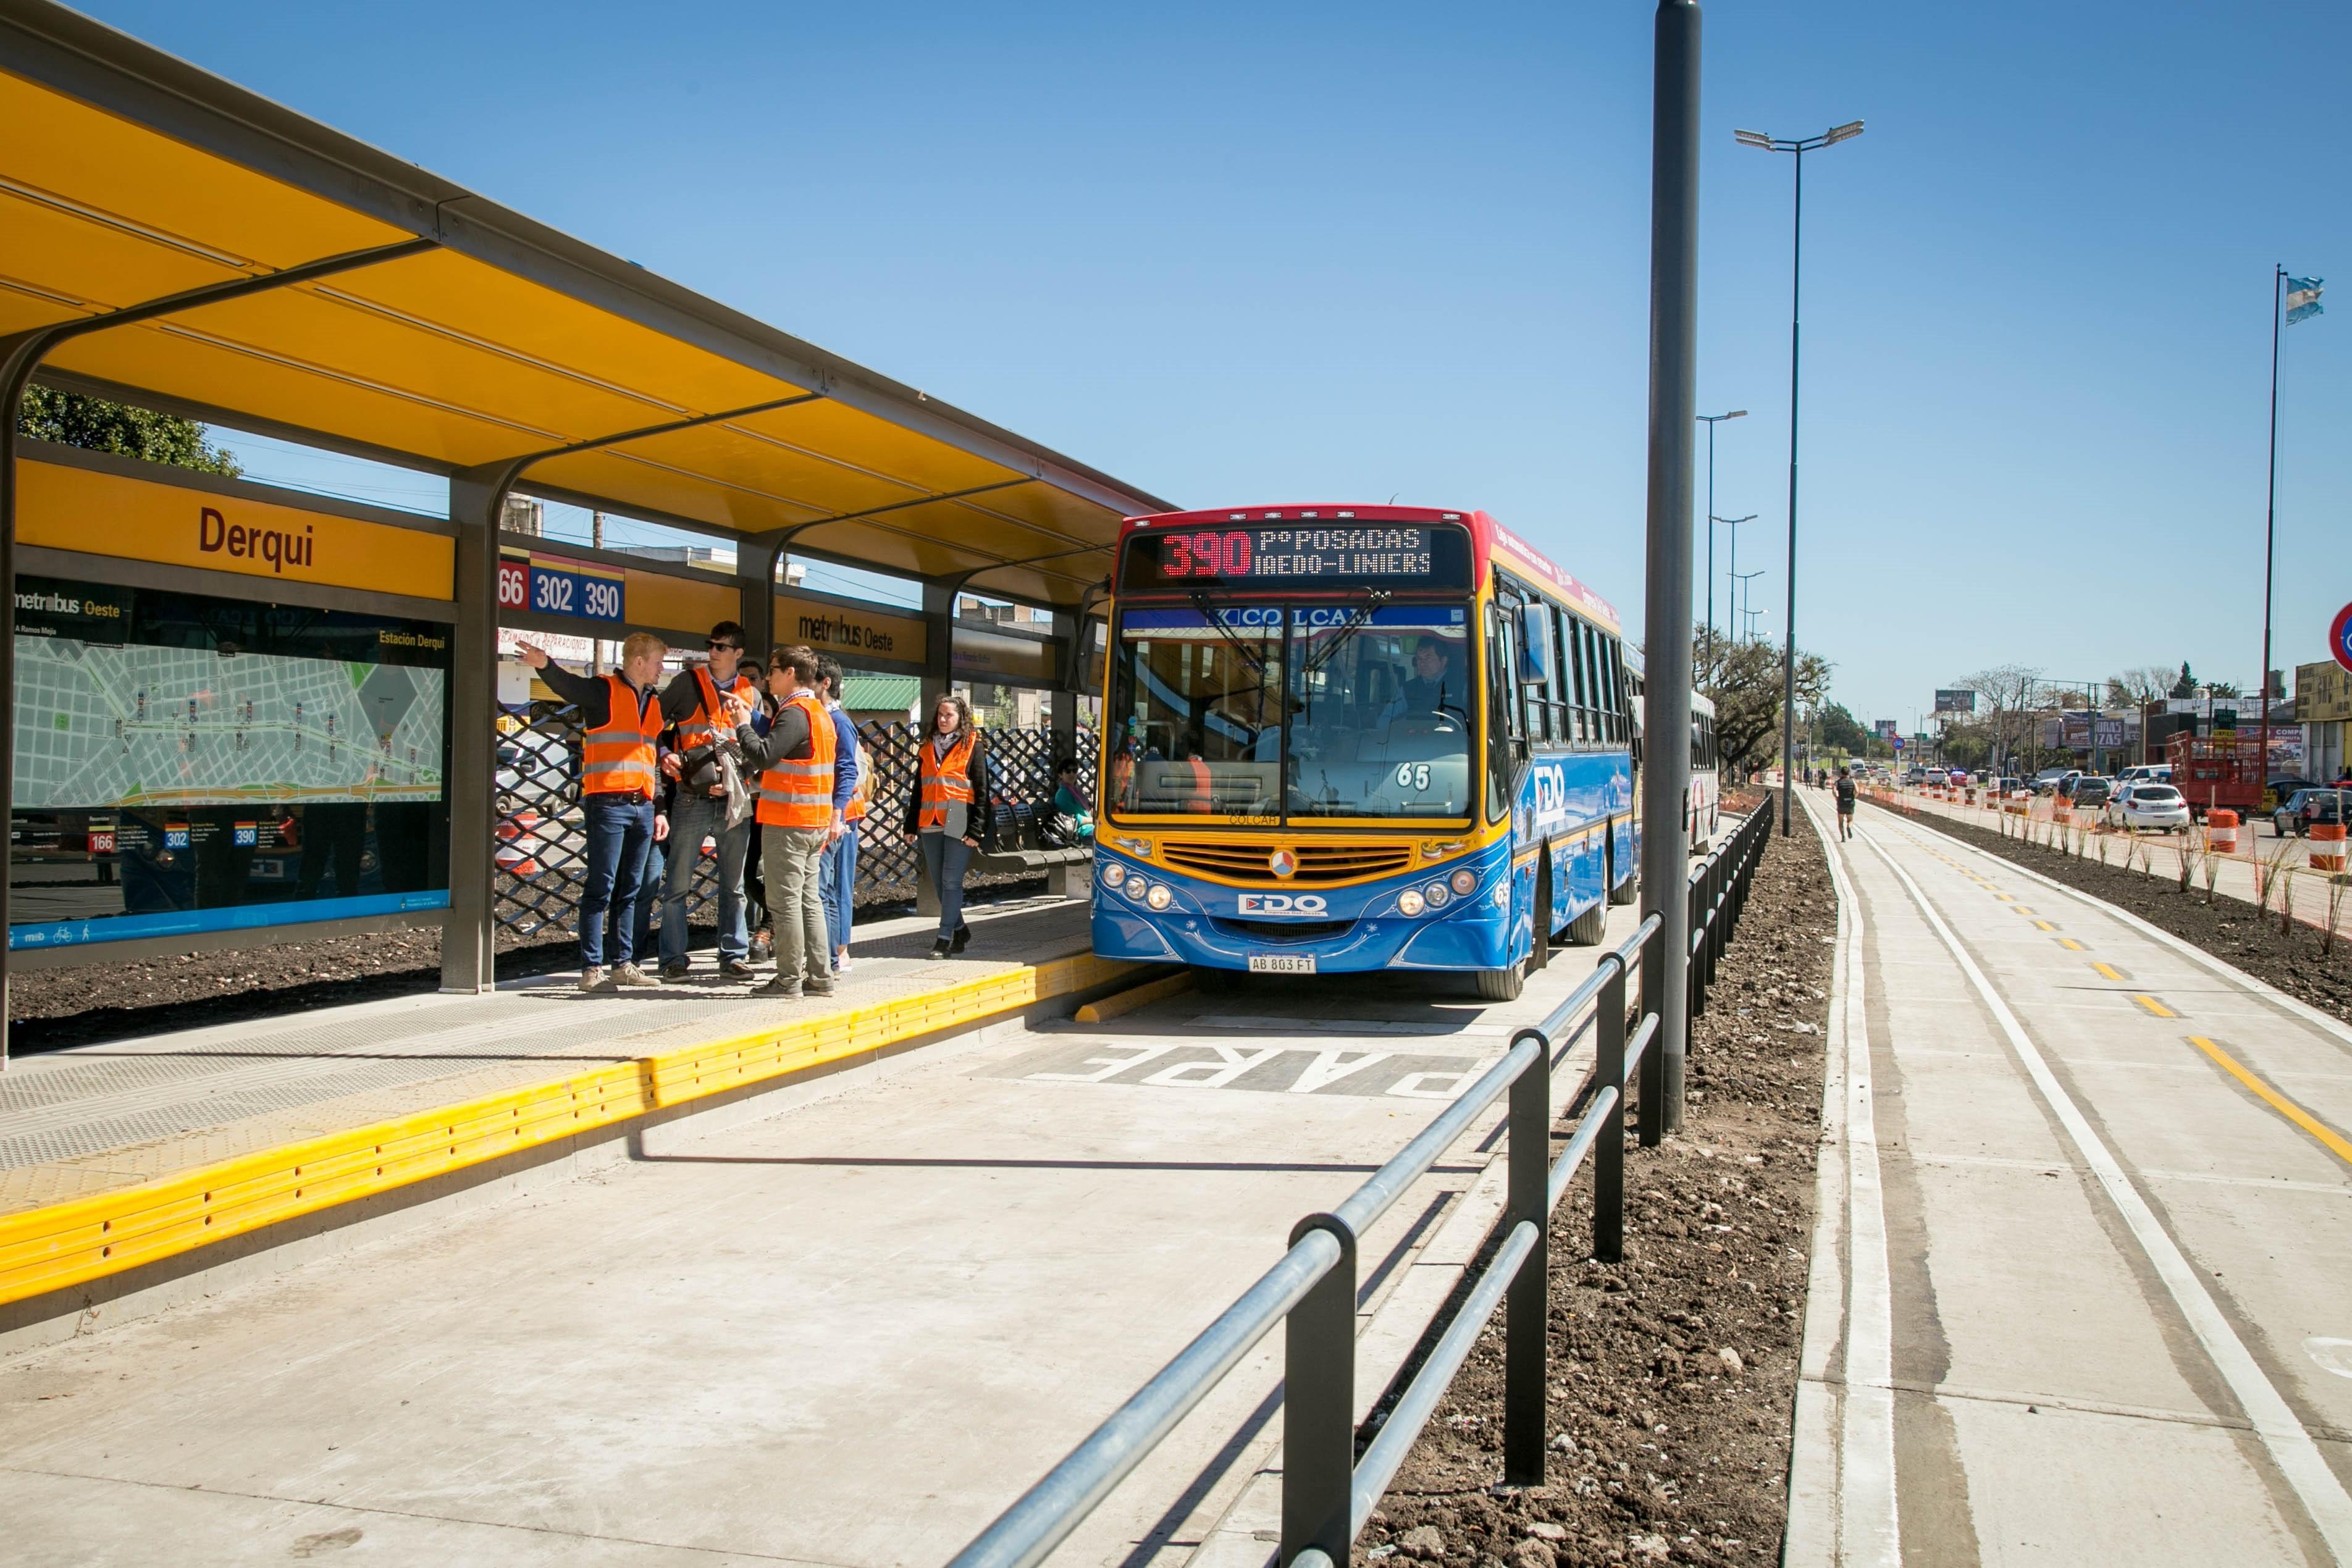 MetrobusOeste (2)